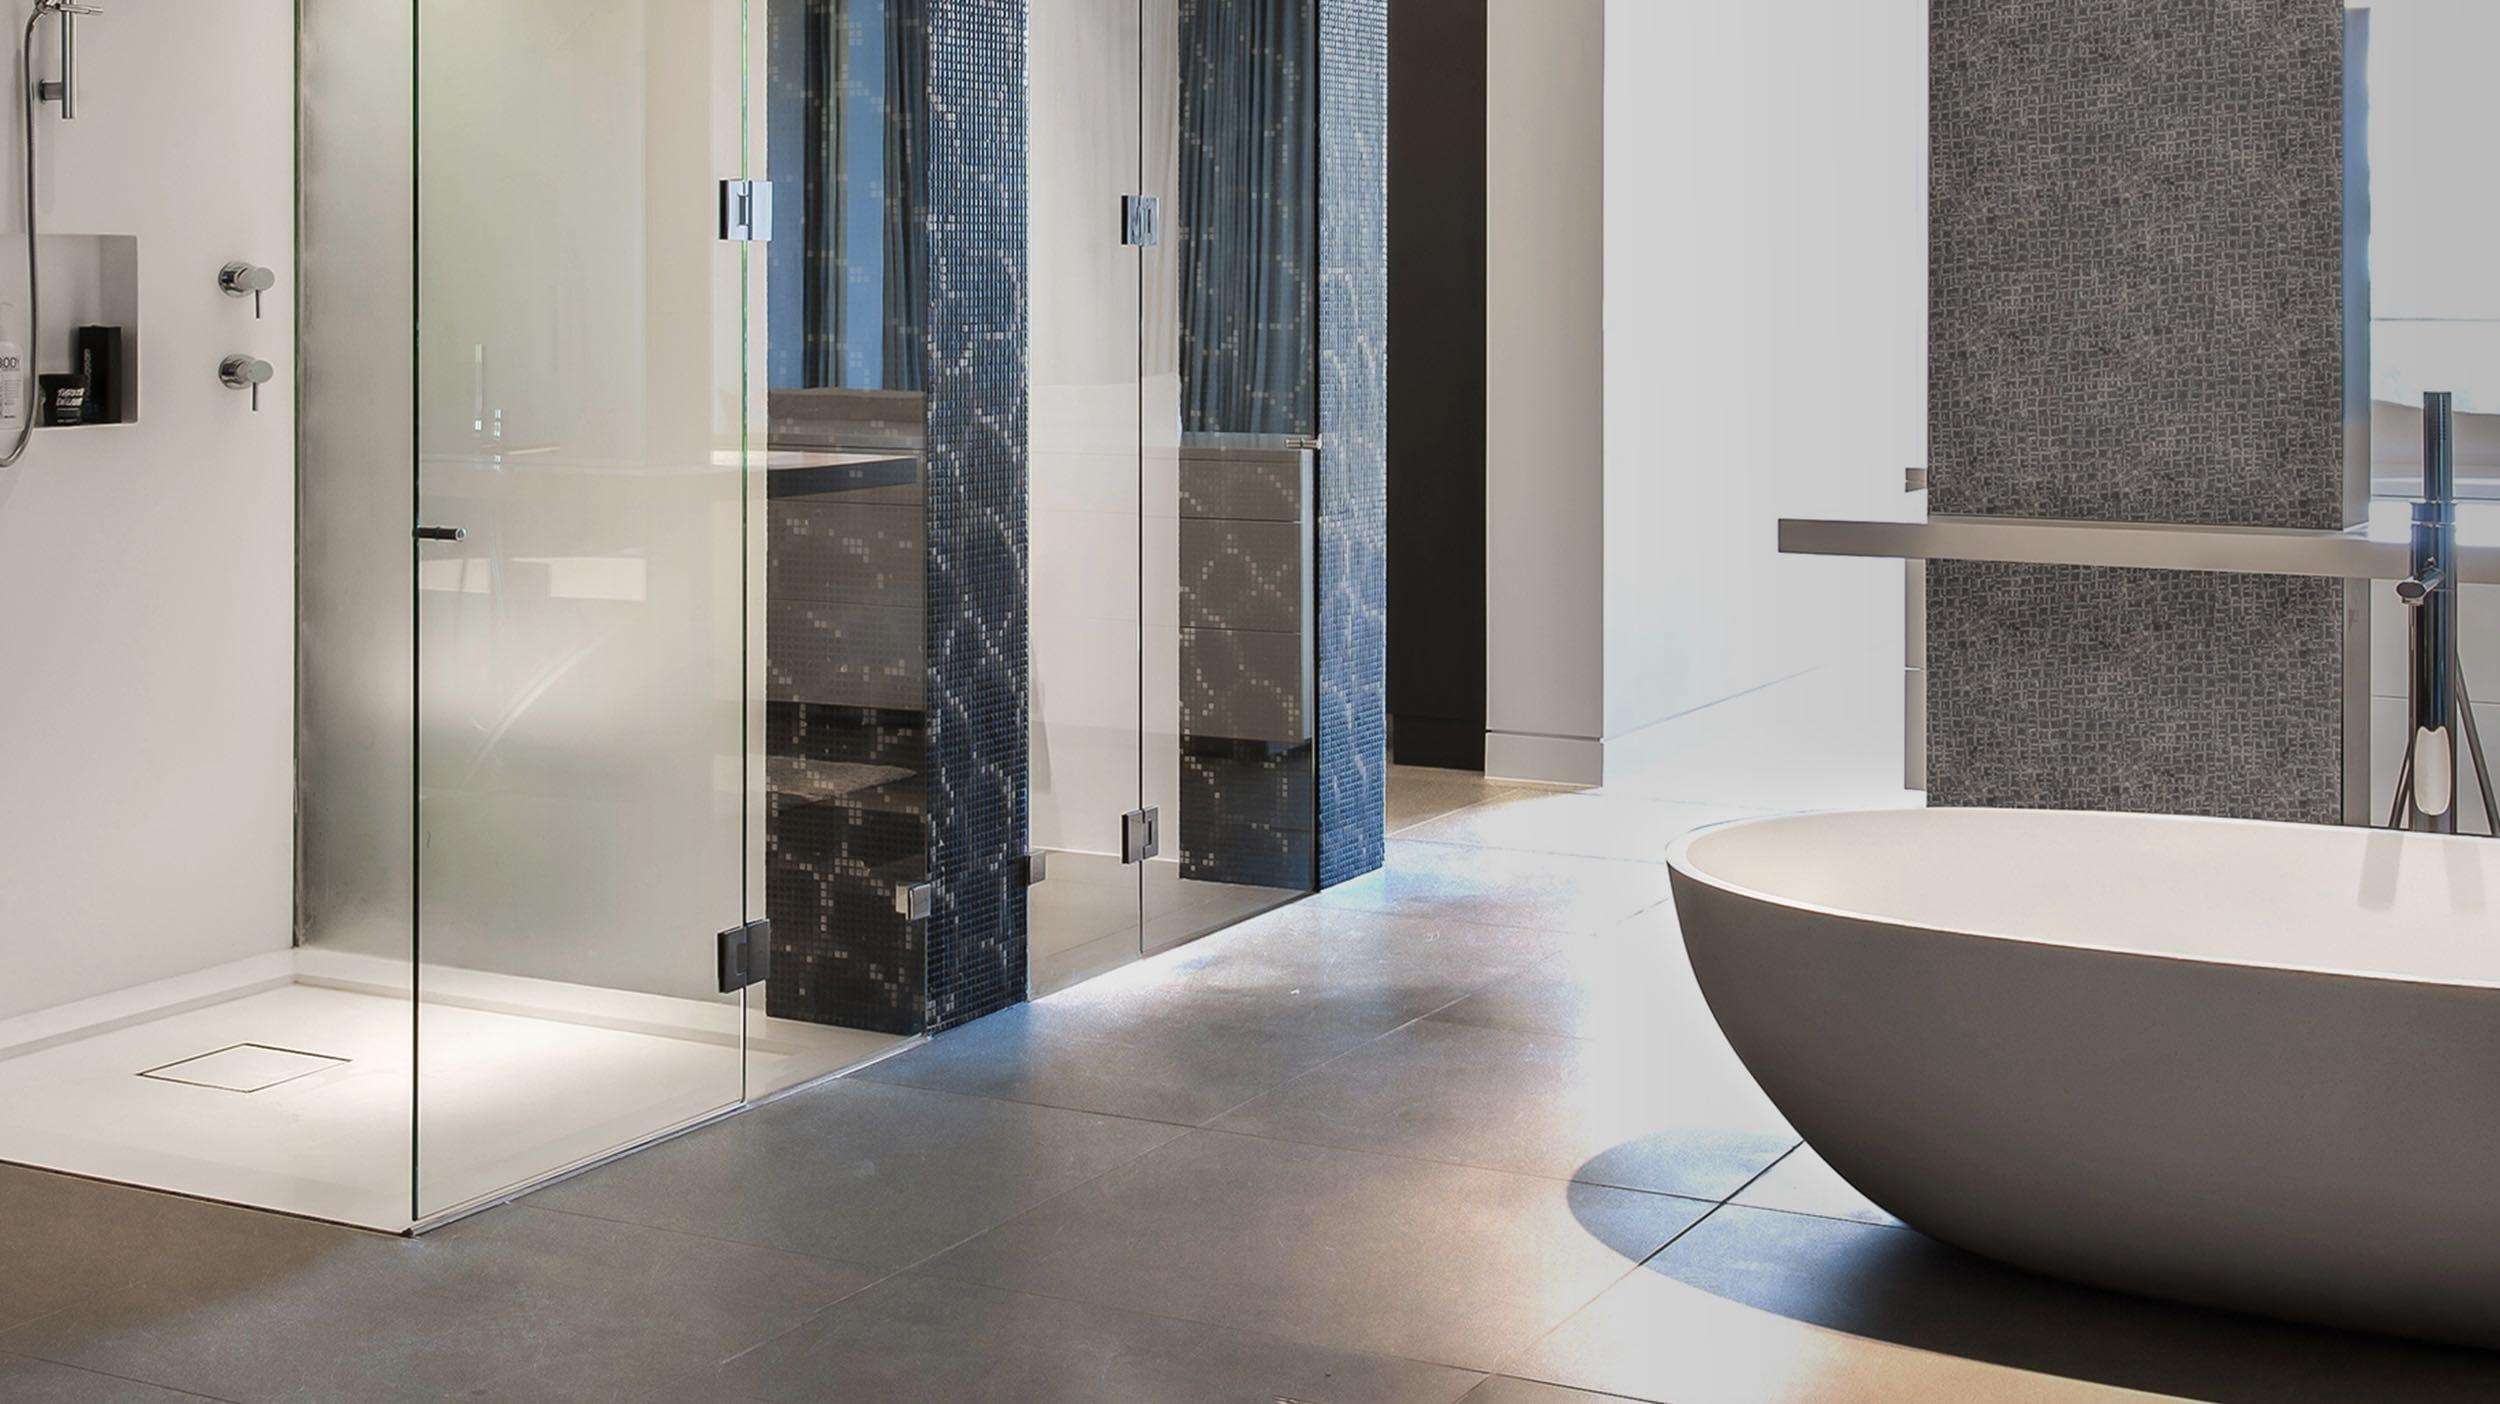 Baño de piedra caliza gris Grey Navy - Grey Limestone bathroom Grey Navy